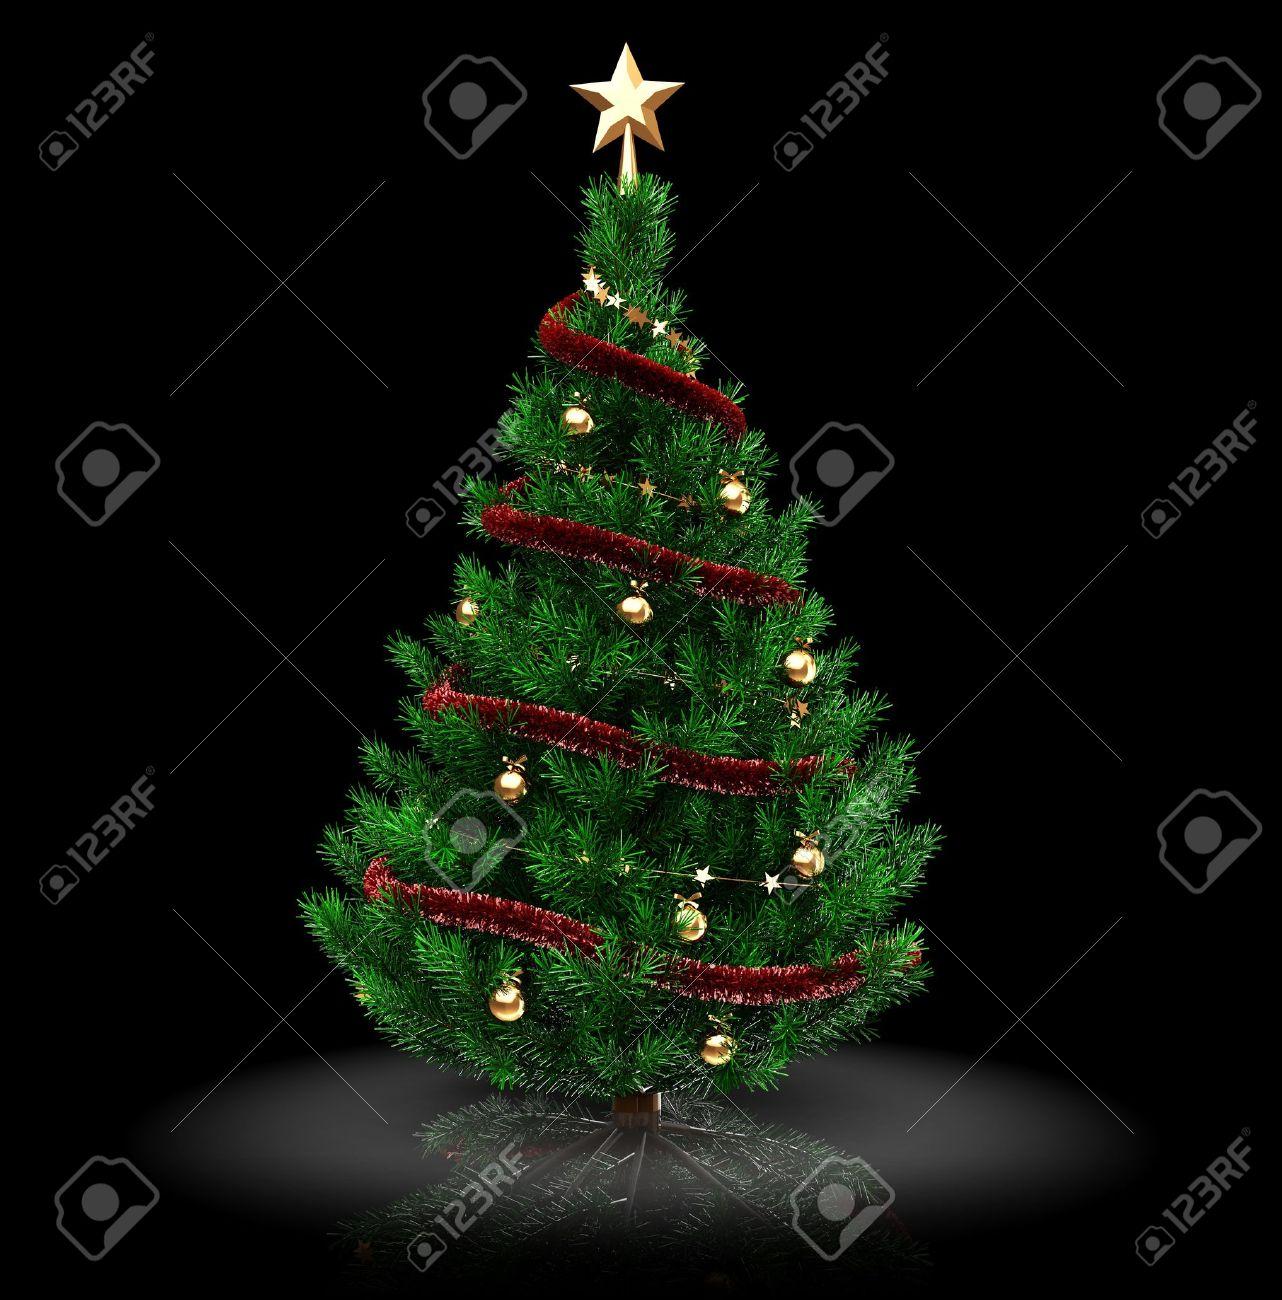 3d Ilustracin De rbol De Navidad Sobre Fondo Negro Fotos Retratos